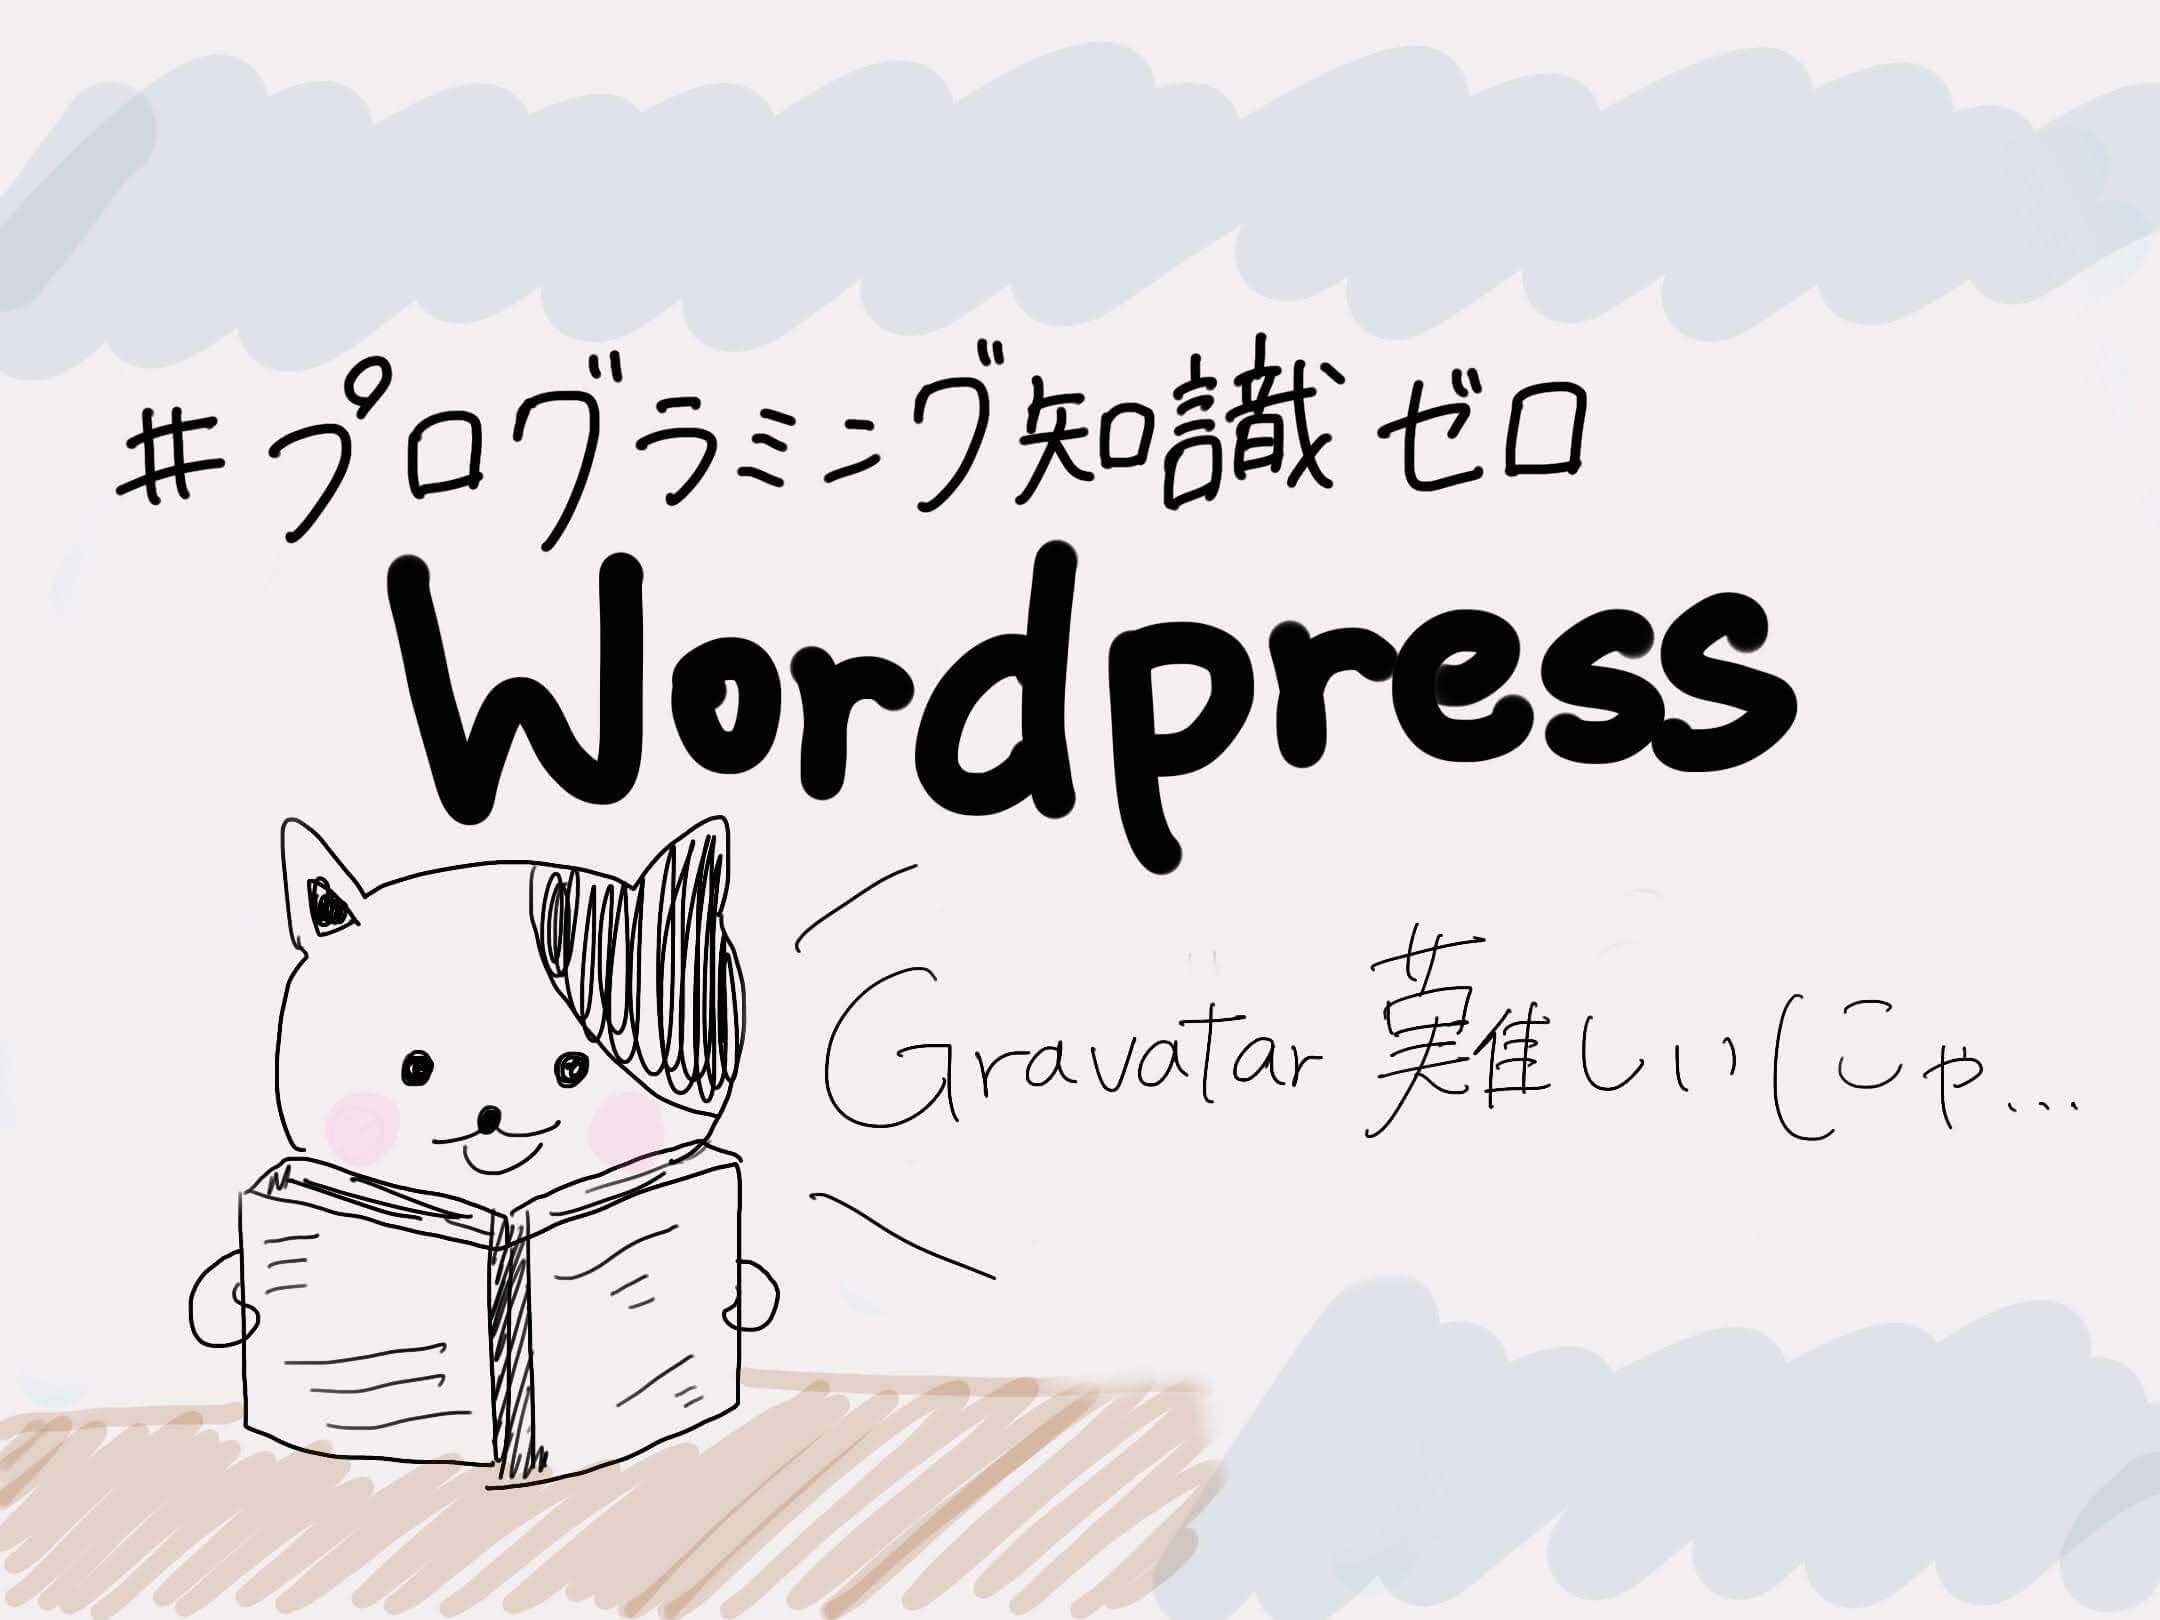 Gravatarでユーザーの画像を設定できないときの対処法 /WordPress